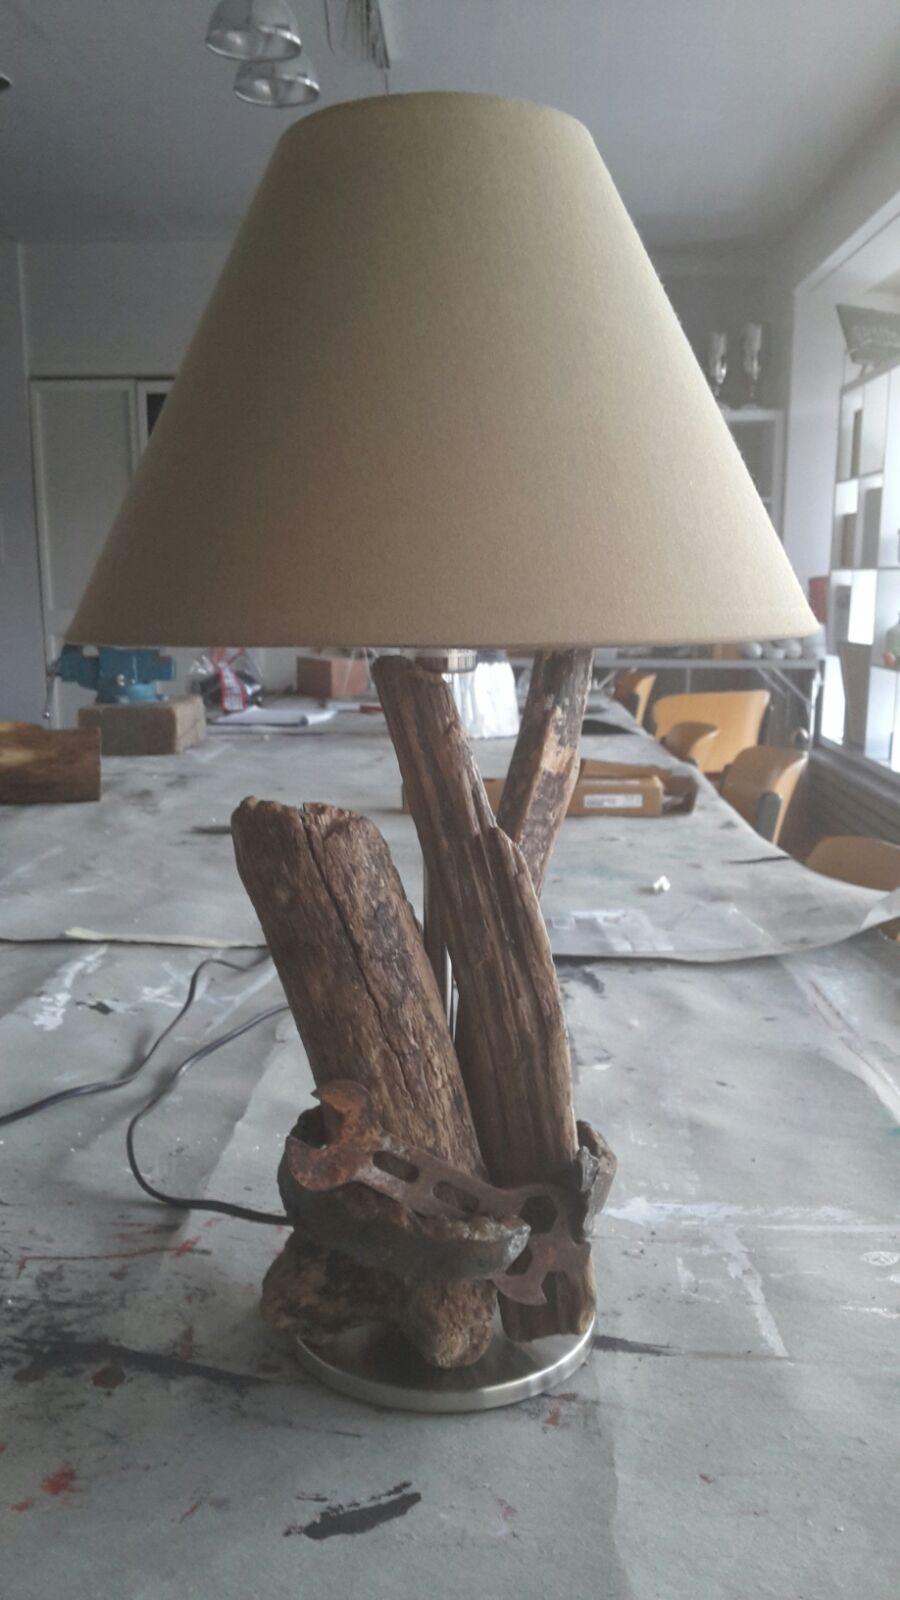 Lampe Schirm Selber Machen Workshop Werkraum 107